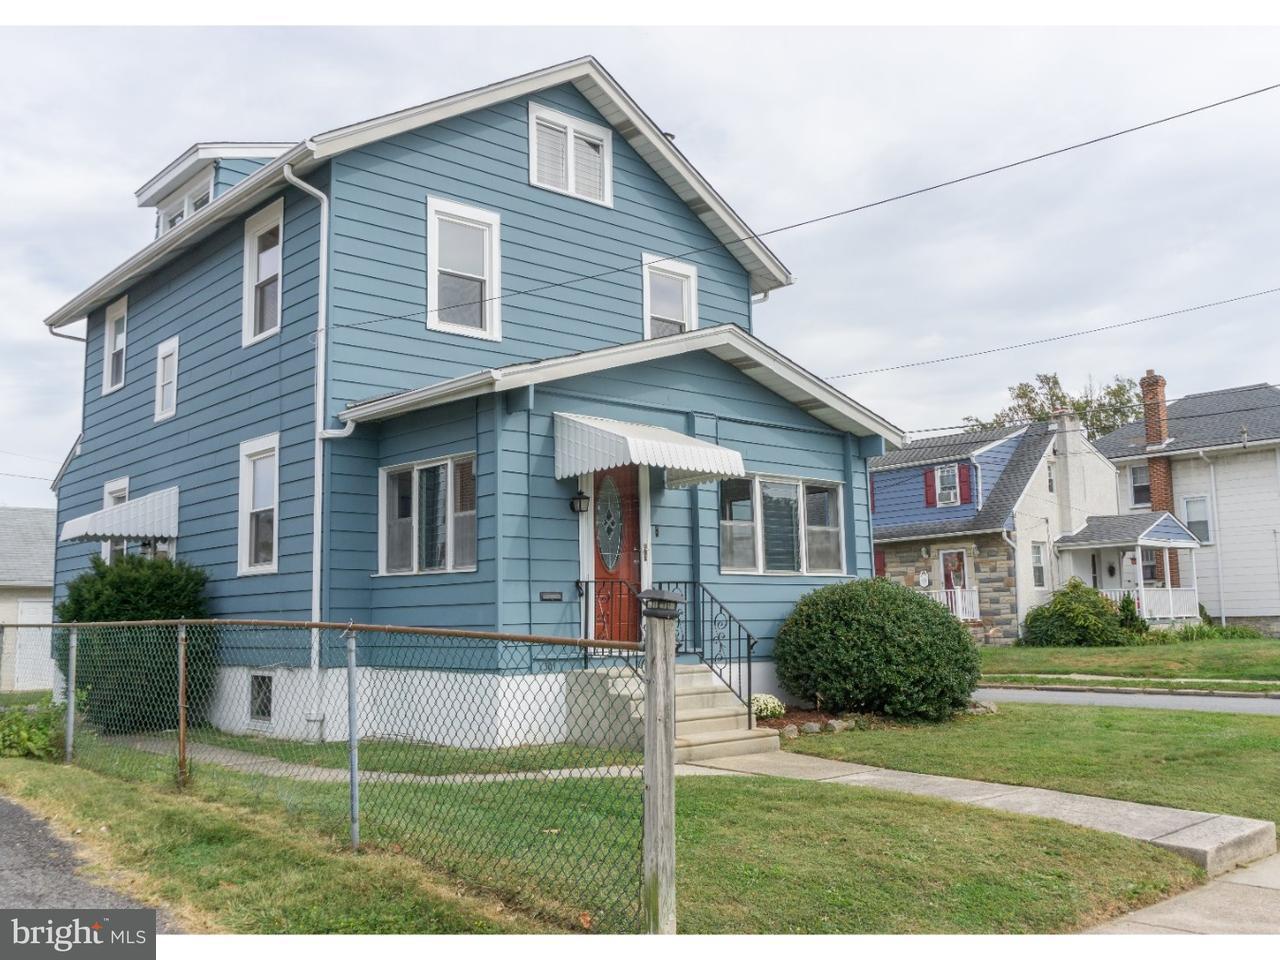 Частный односемейный дом для того Продажа на 301 HINKSON BLVD Ridley Park, Пенсильвания 19078 Соединенные Штаты